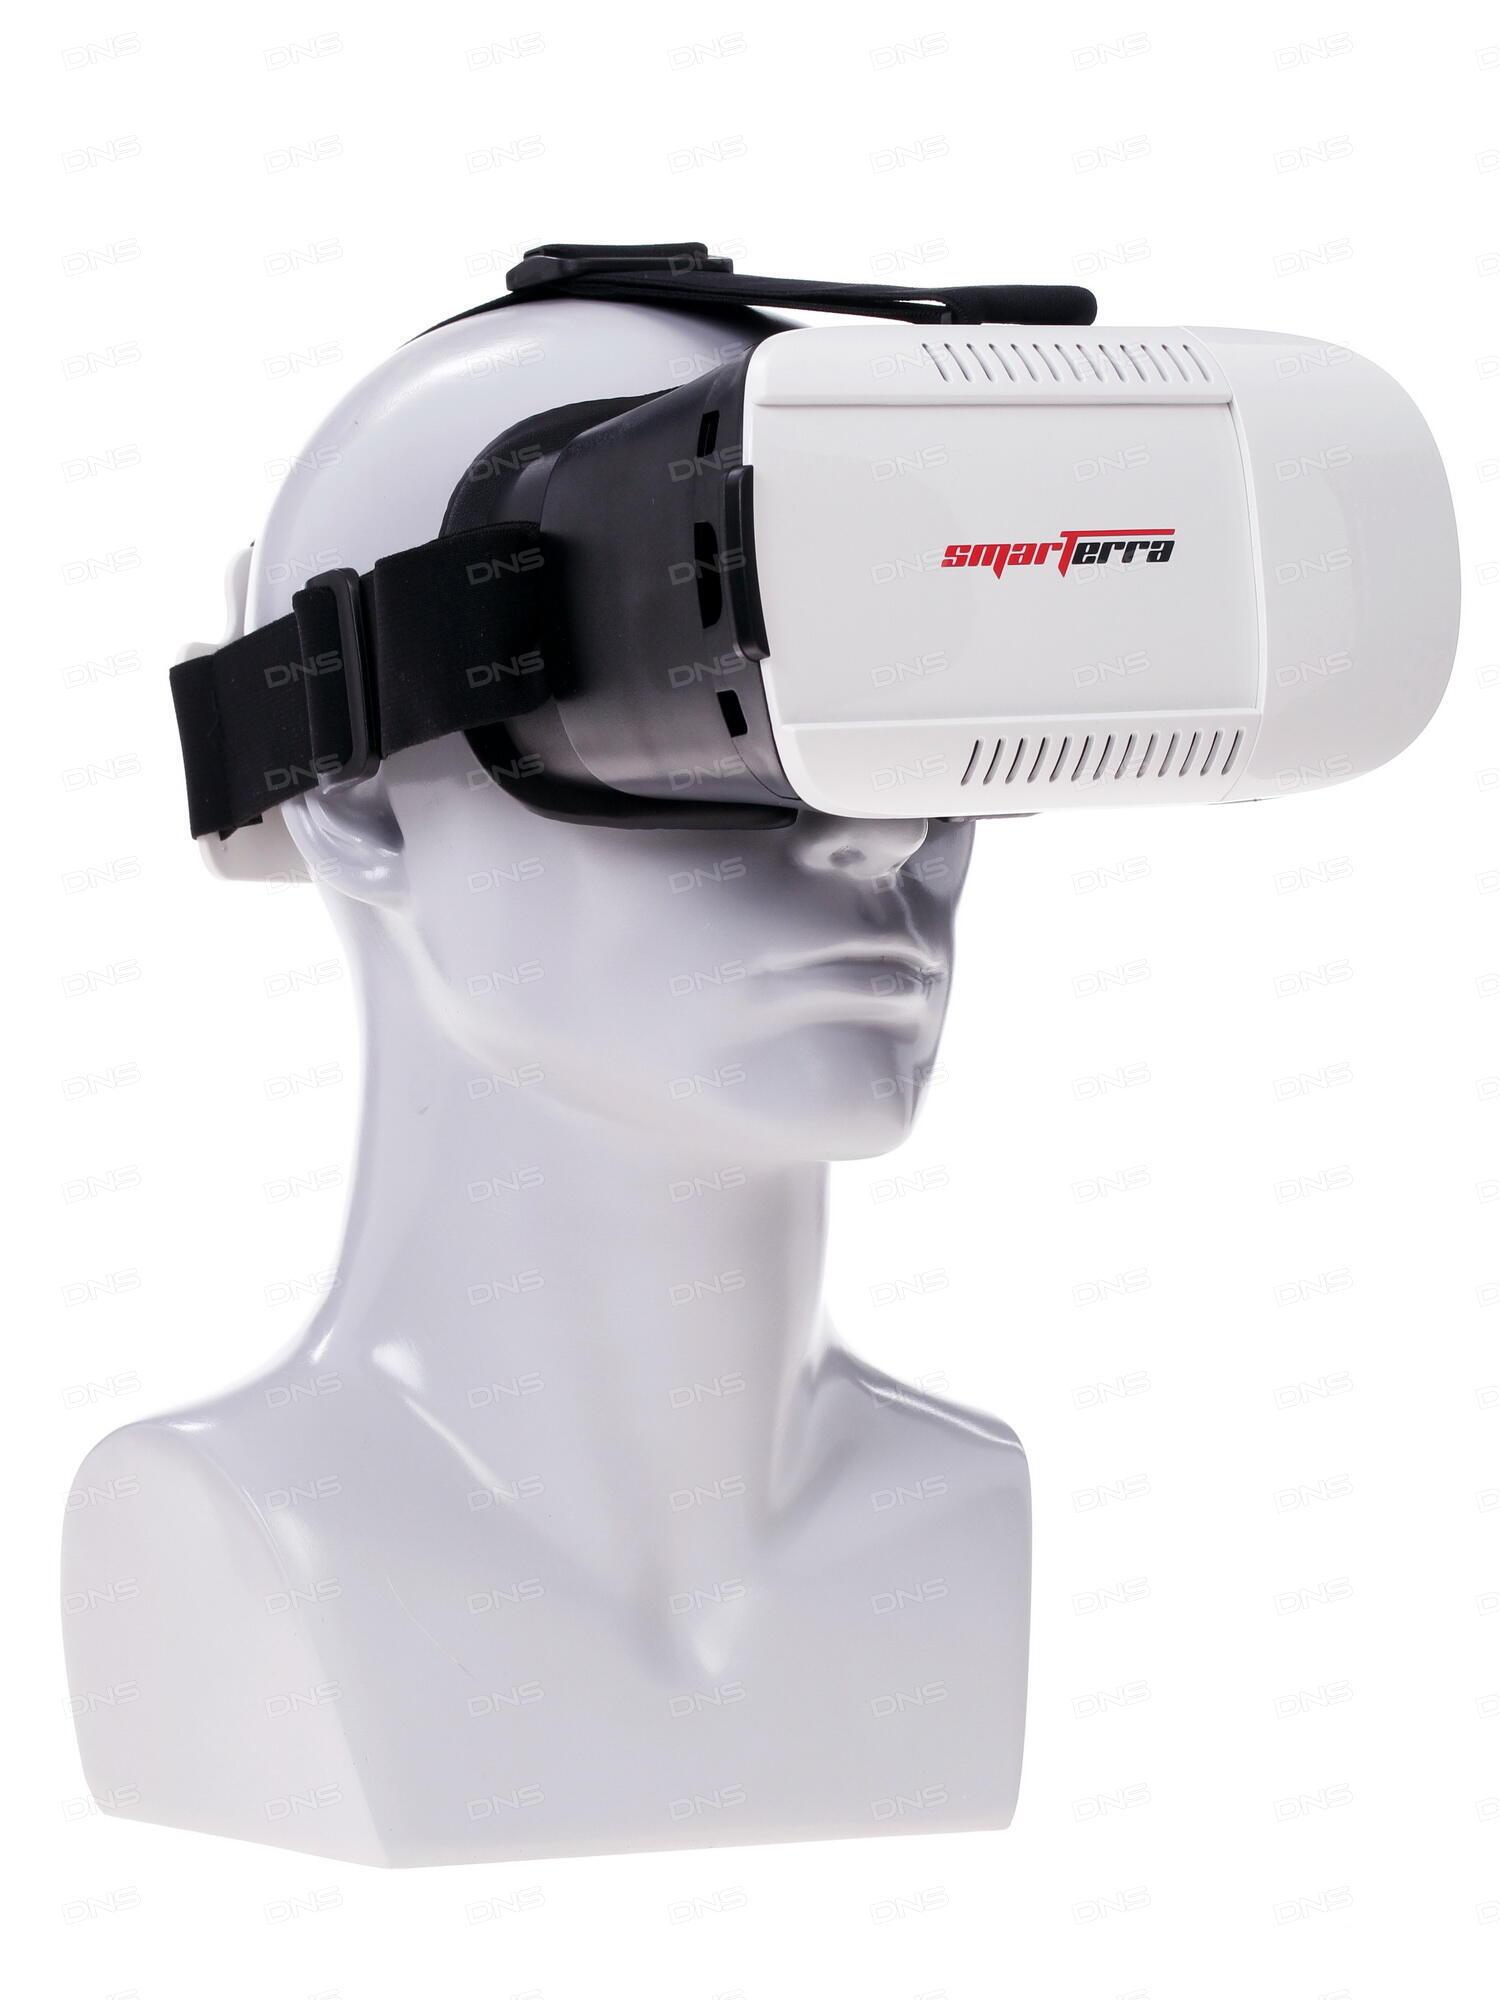 Выкройка очки виртуальной реальности фото 301